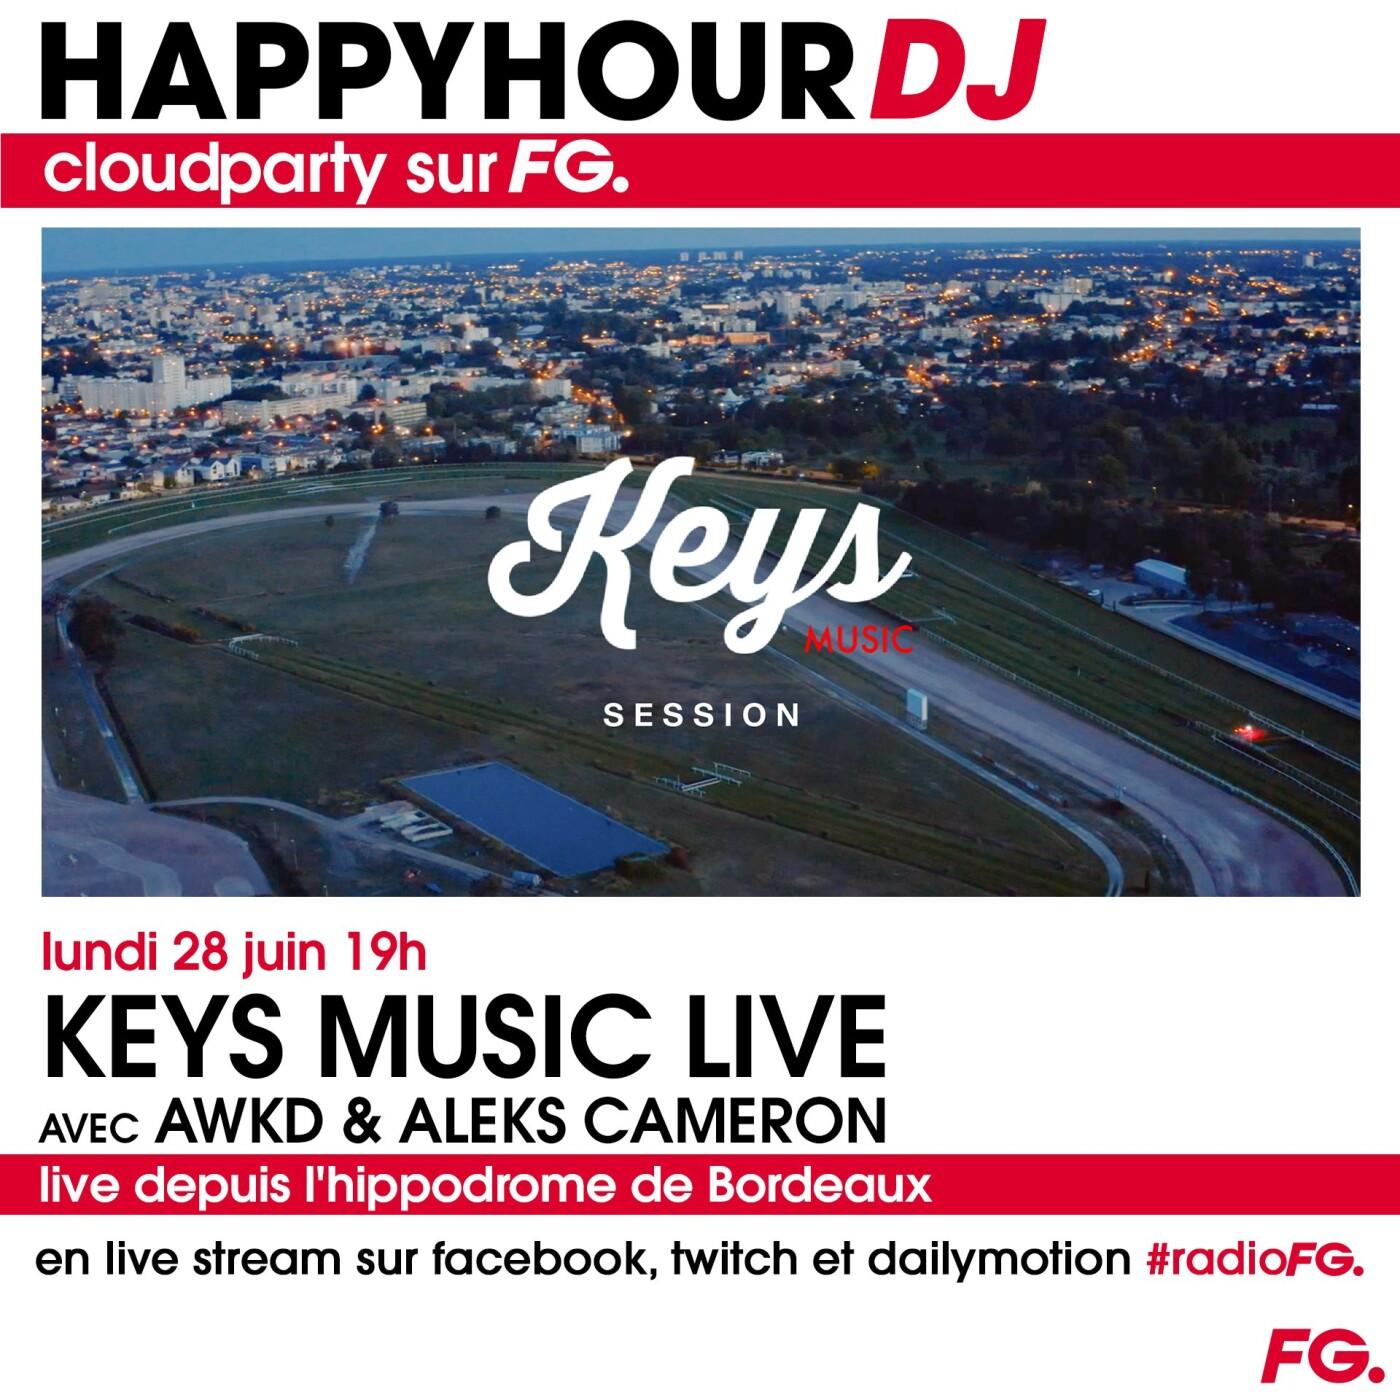 HAPPY HOUR DJ : KEY MUSIC